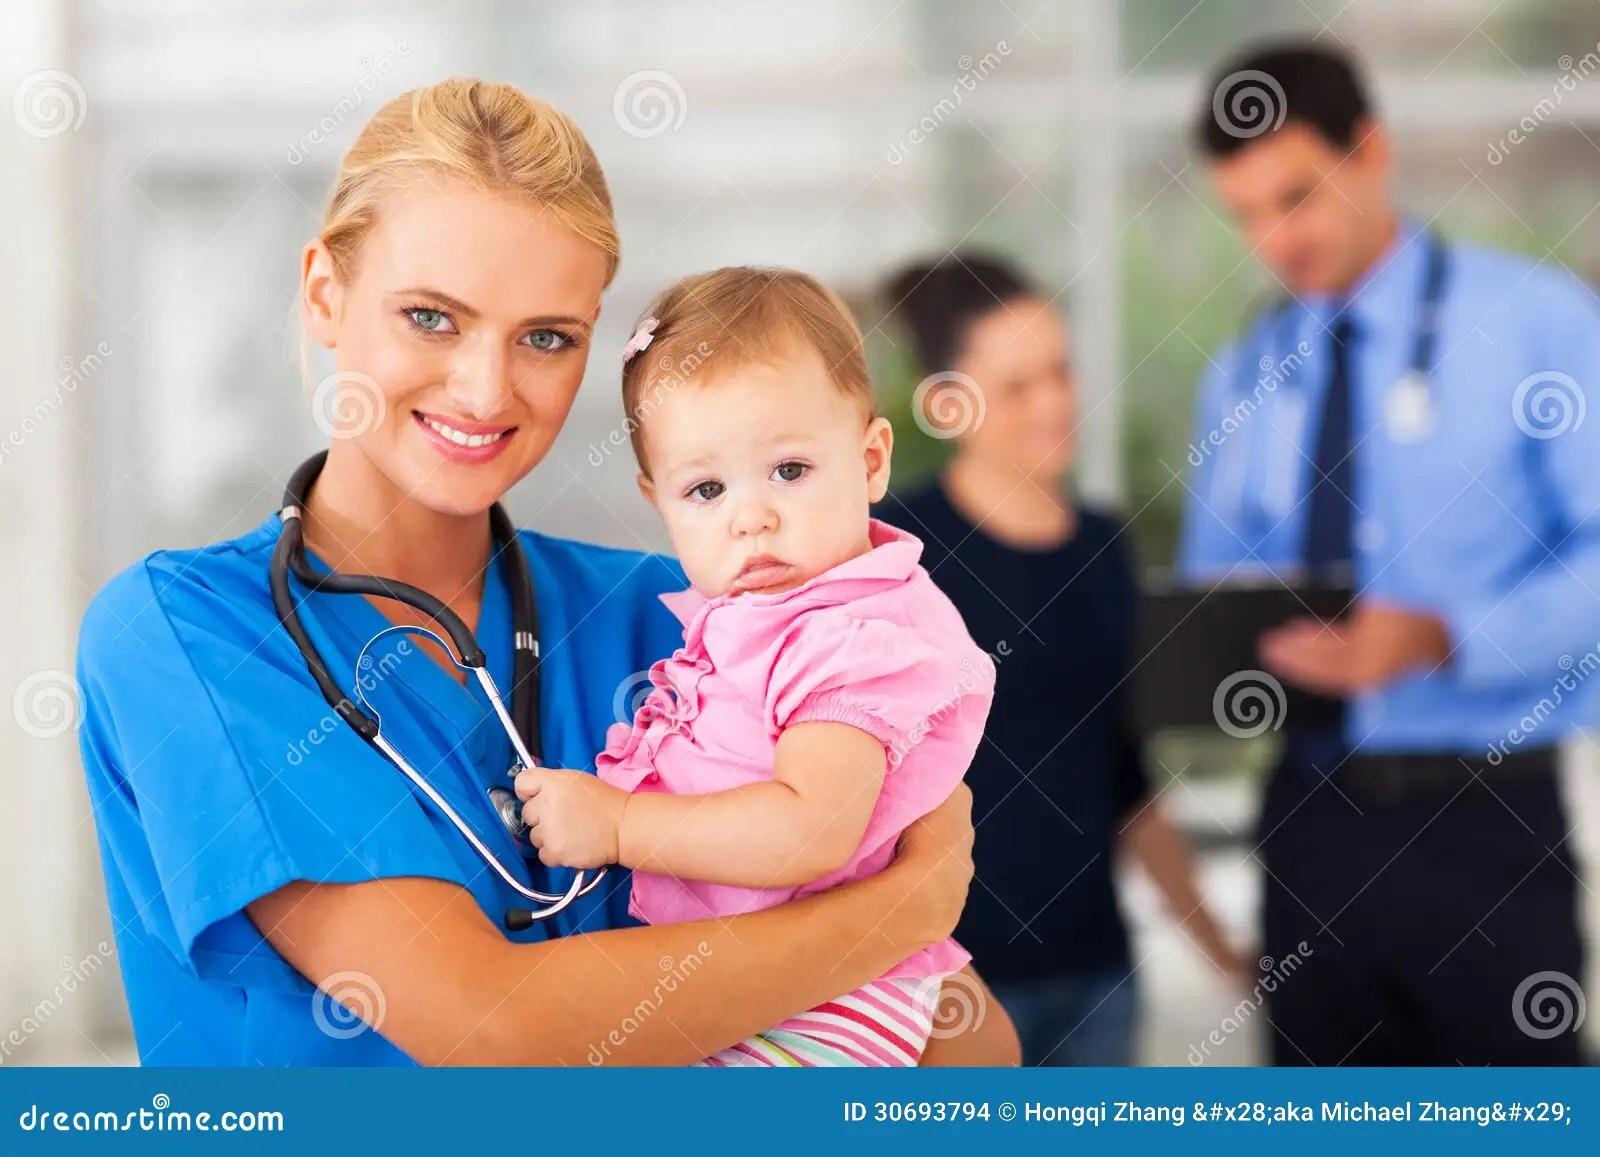 Sick Girl Hospital Baby